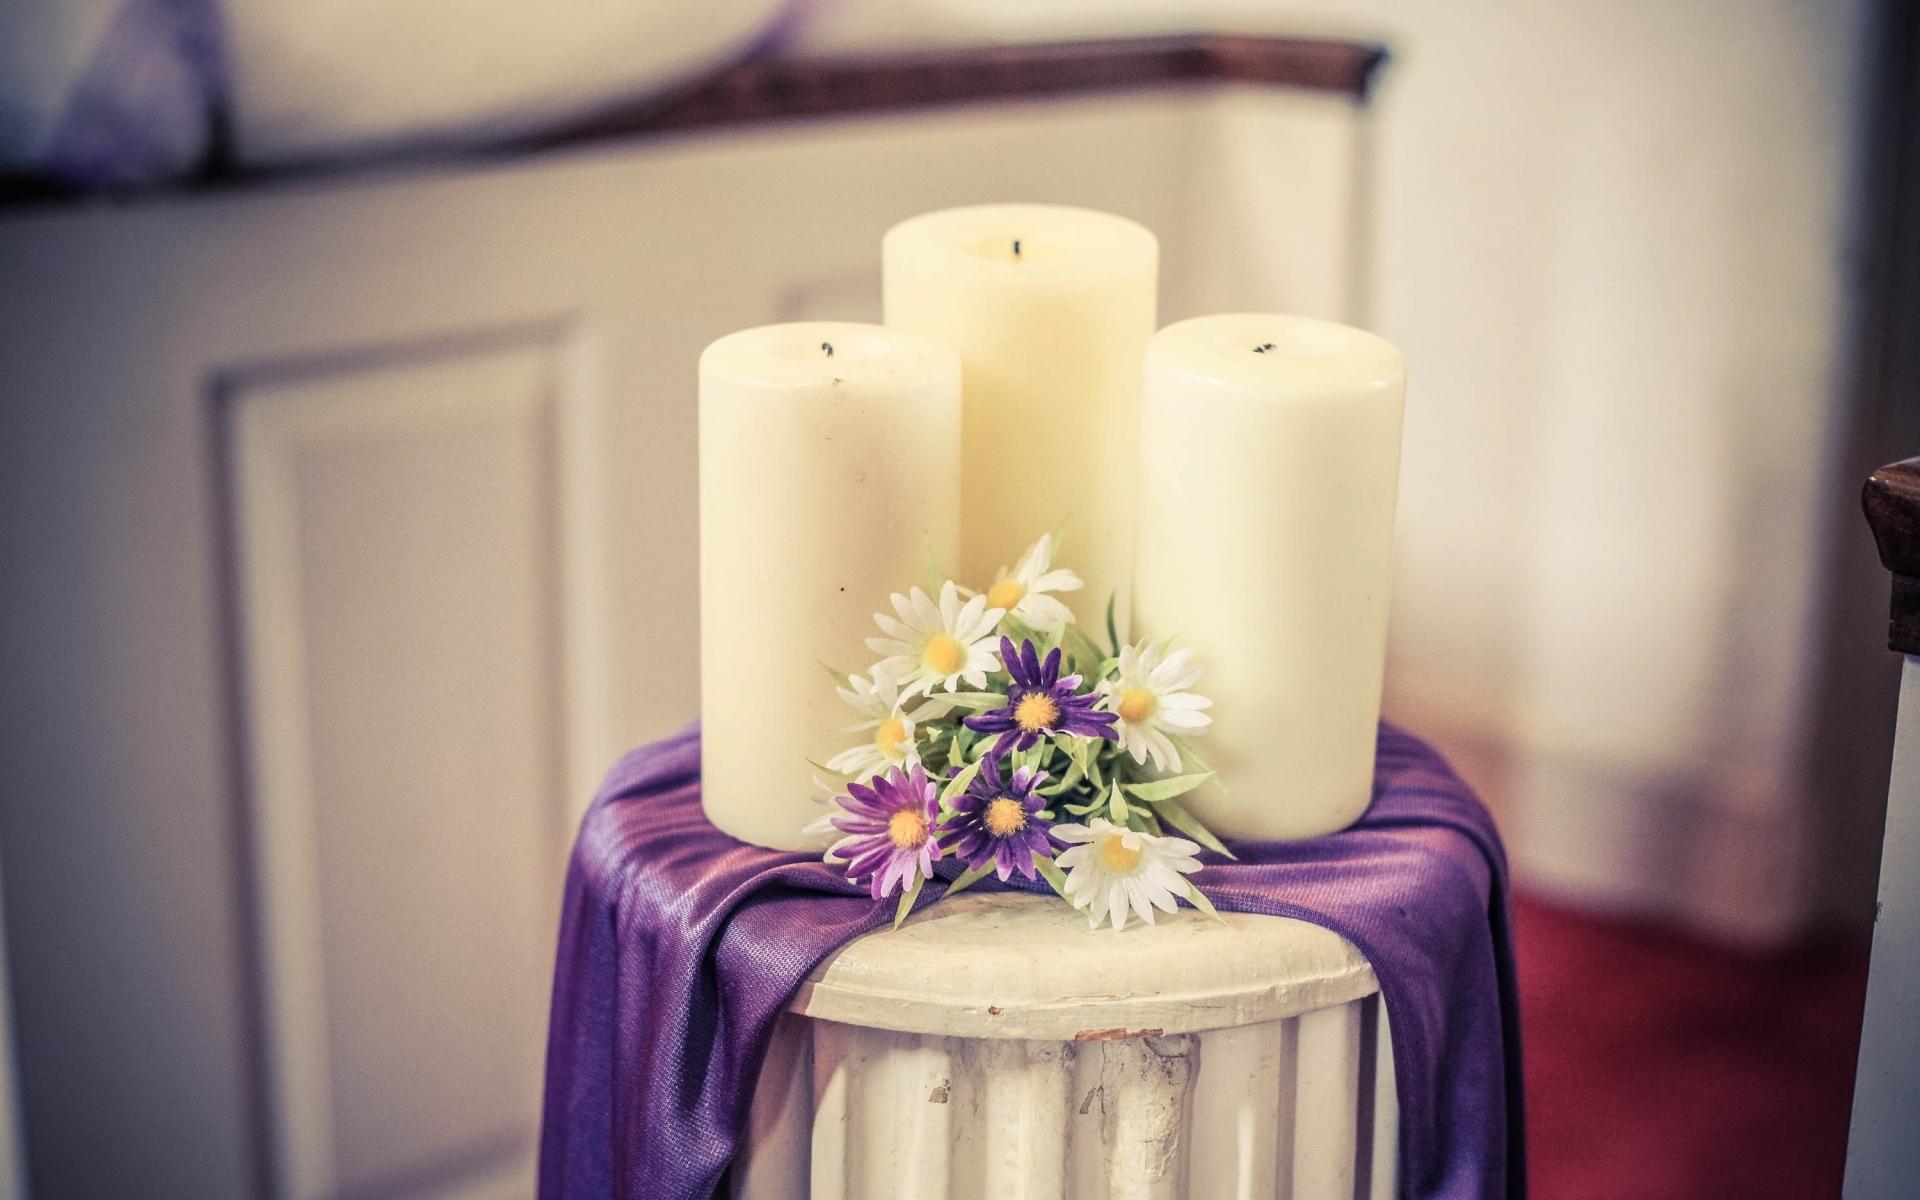 Картинки Свечи, композиция, цветы фото и обои на рабочий стол